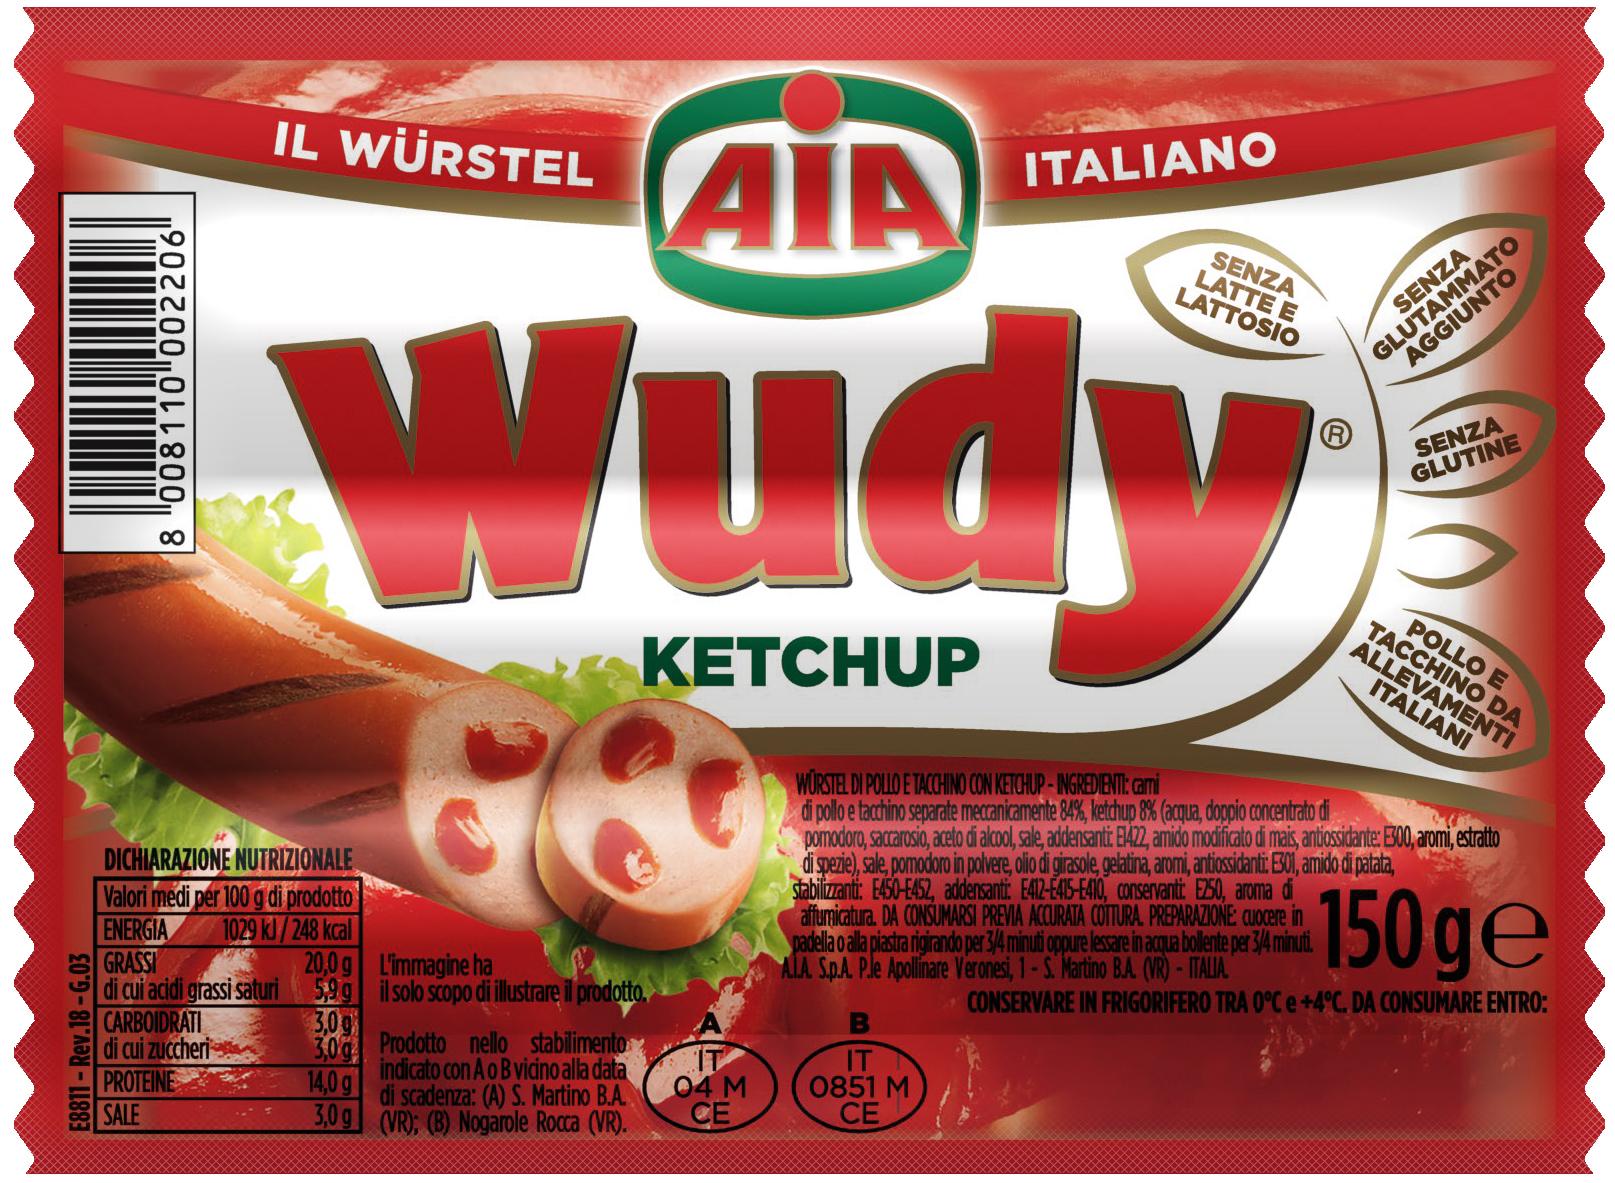 WURSTEL WUDY KETCHUP 150G